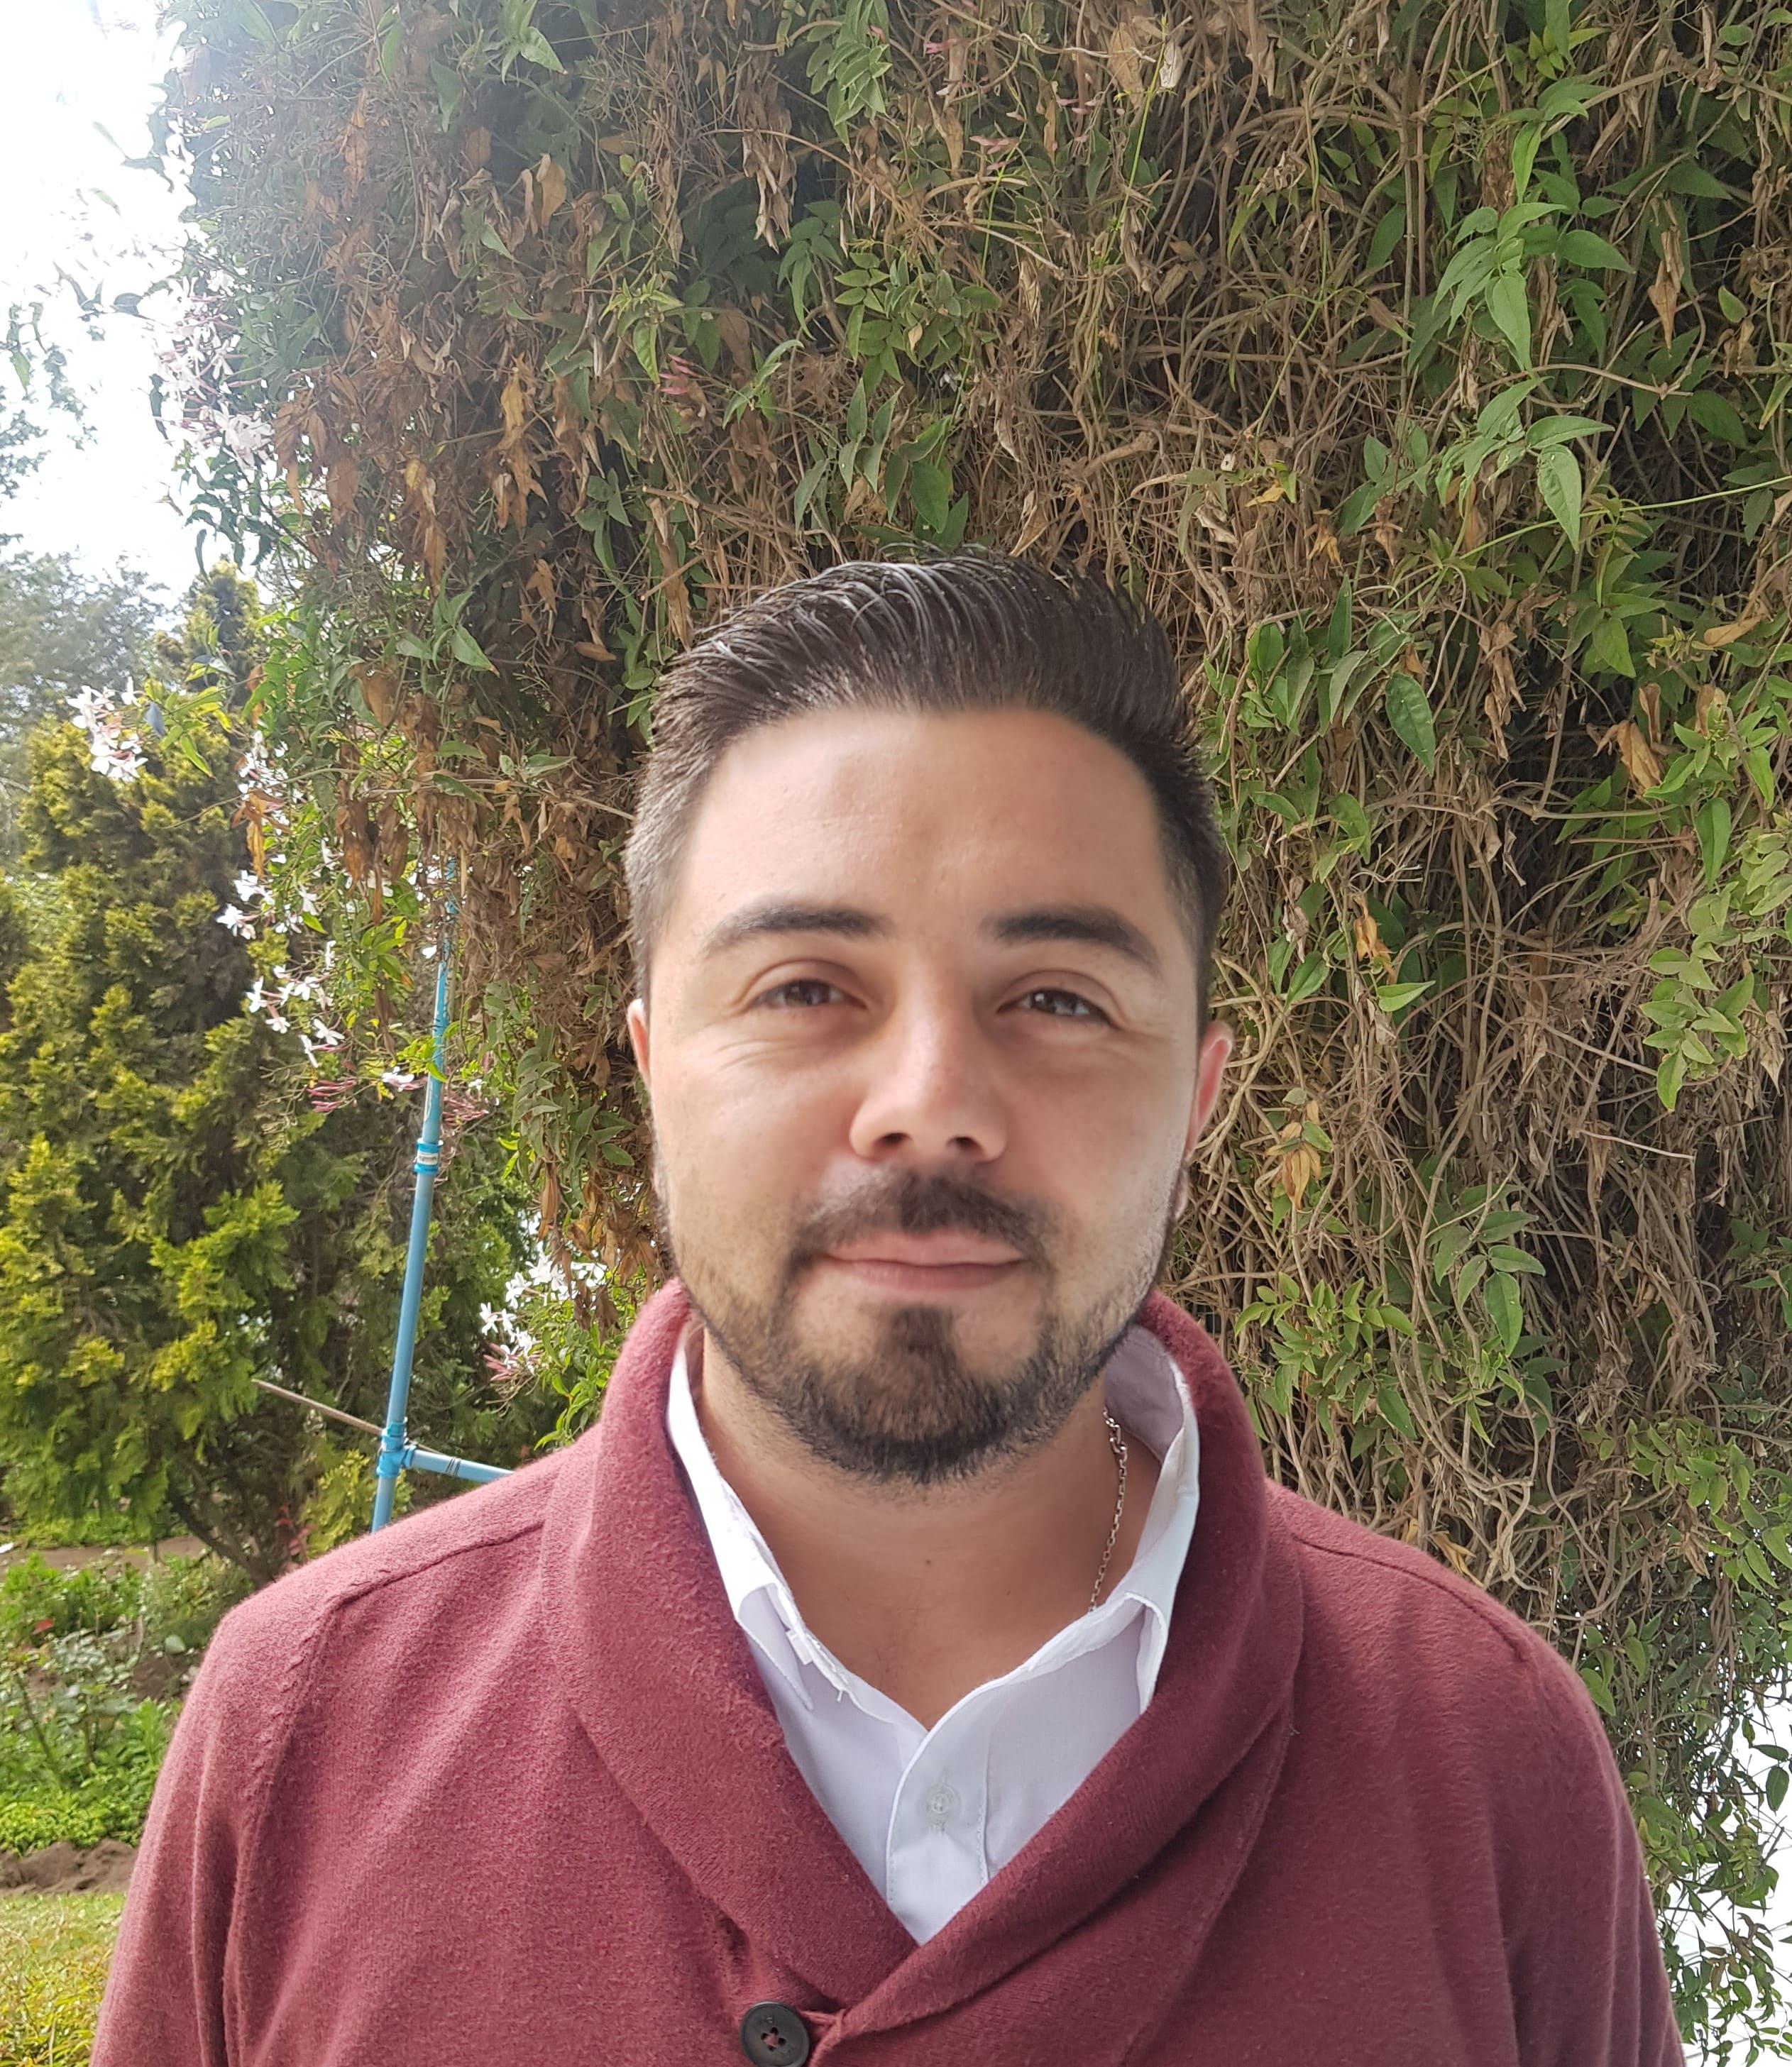 José Cepeda Cerda